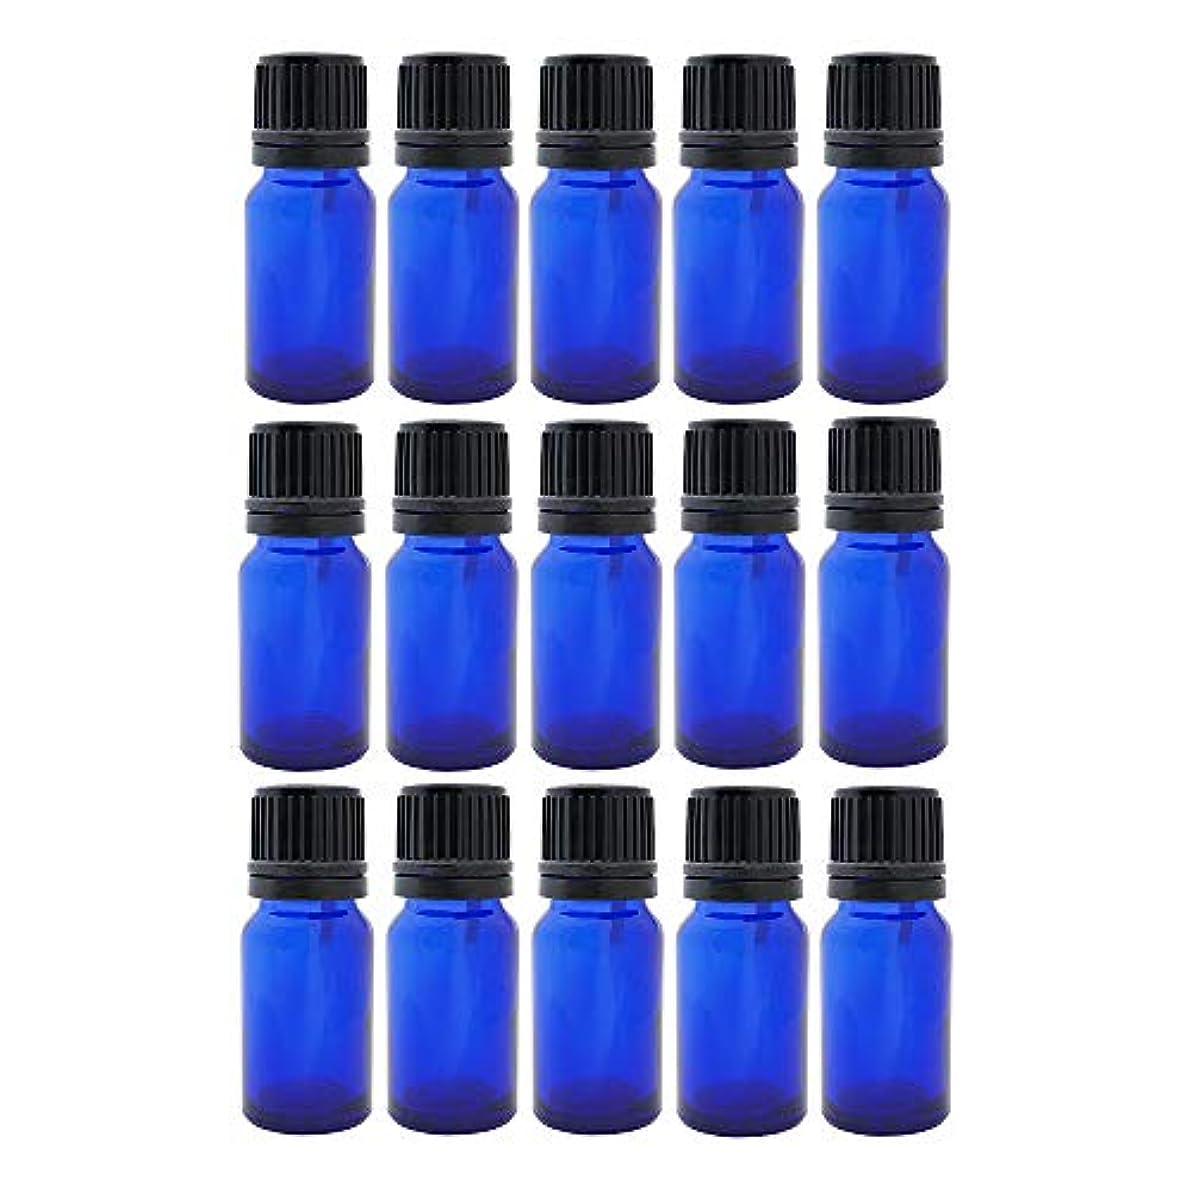 動機小麦粉スズメバチ遮光ビン 10ml 瓶 15本セット ブルー(ドロッパー キャップ付)